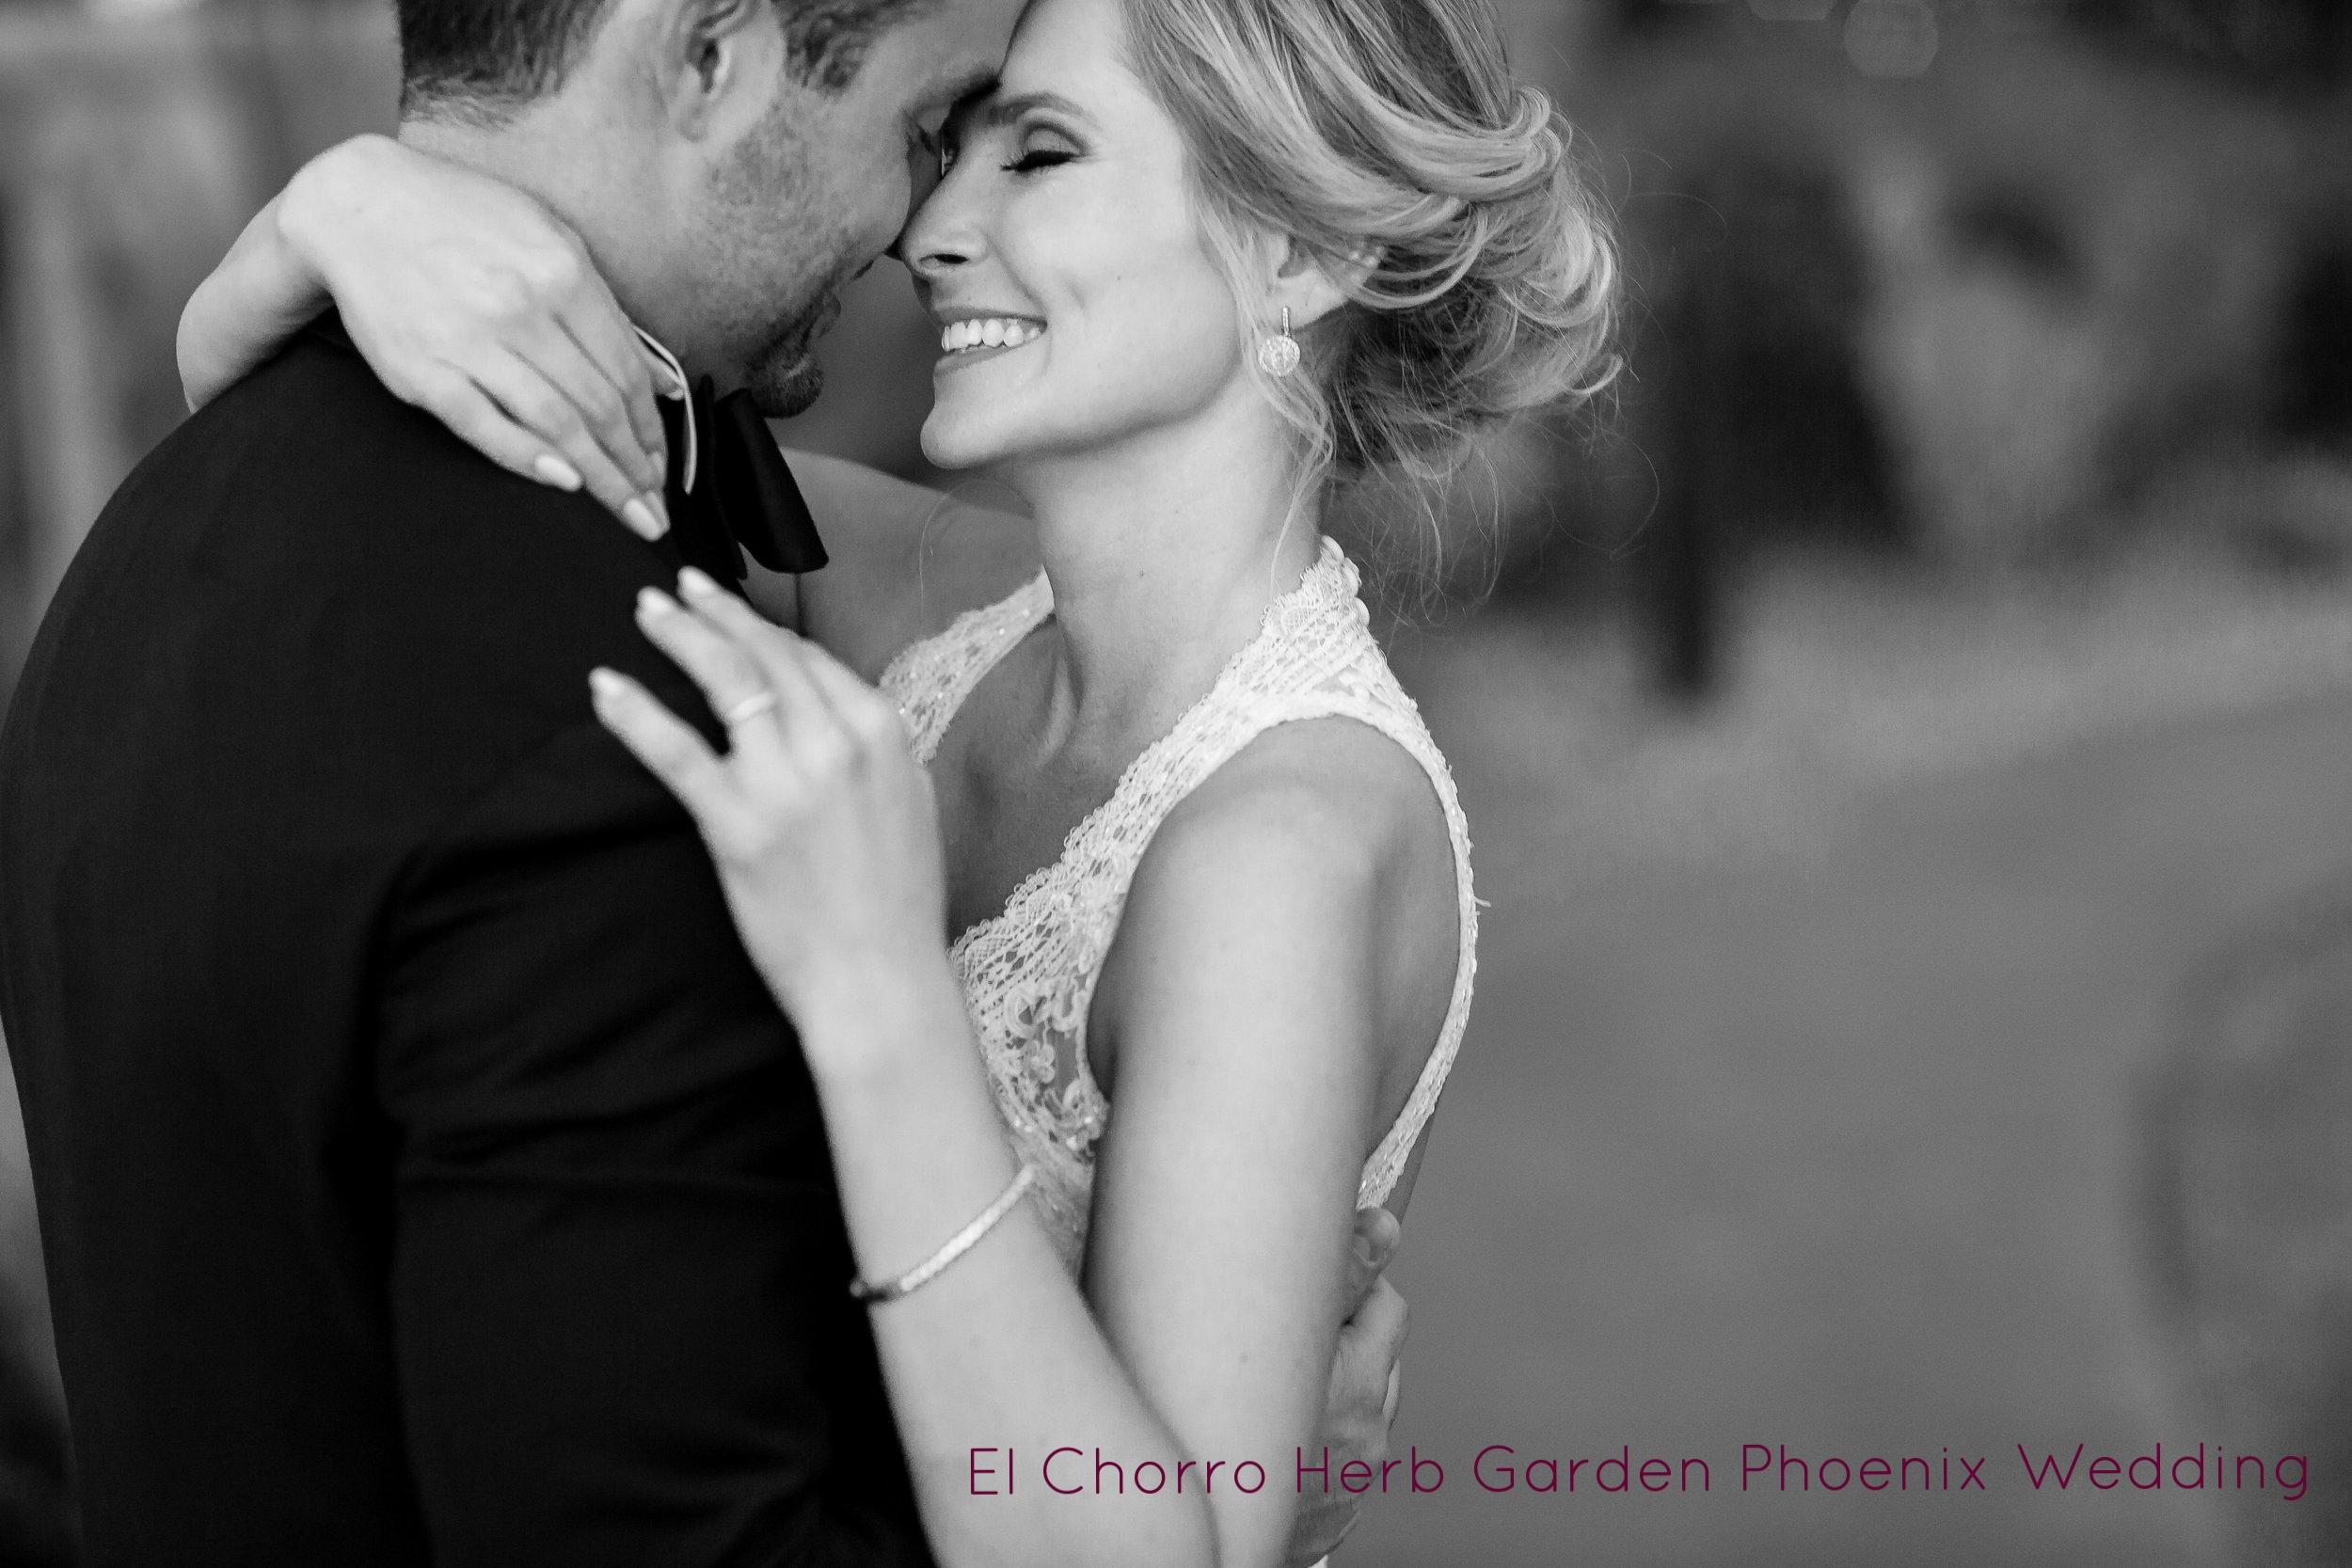 El Chorro Herb Garden Wedding Photography